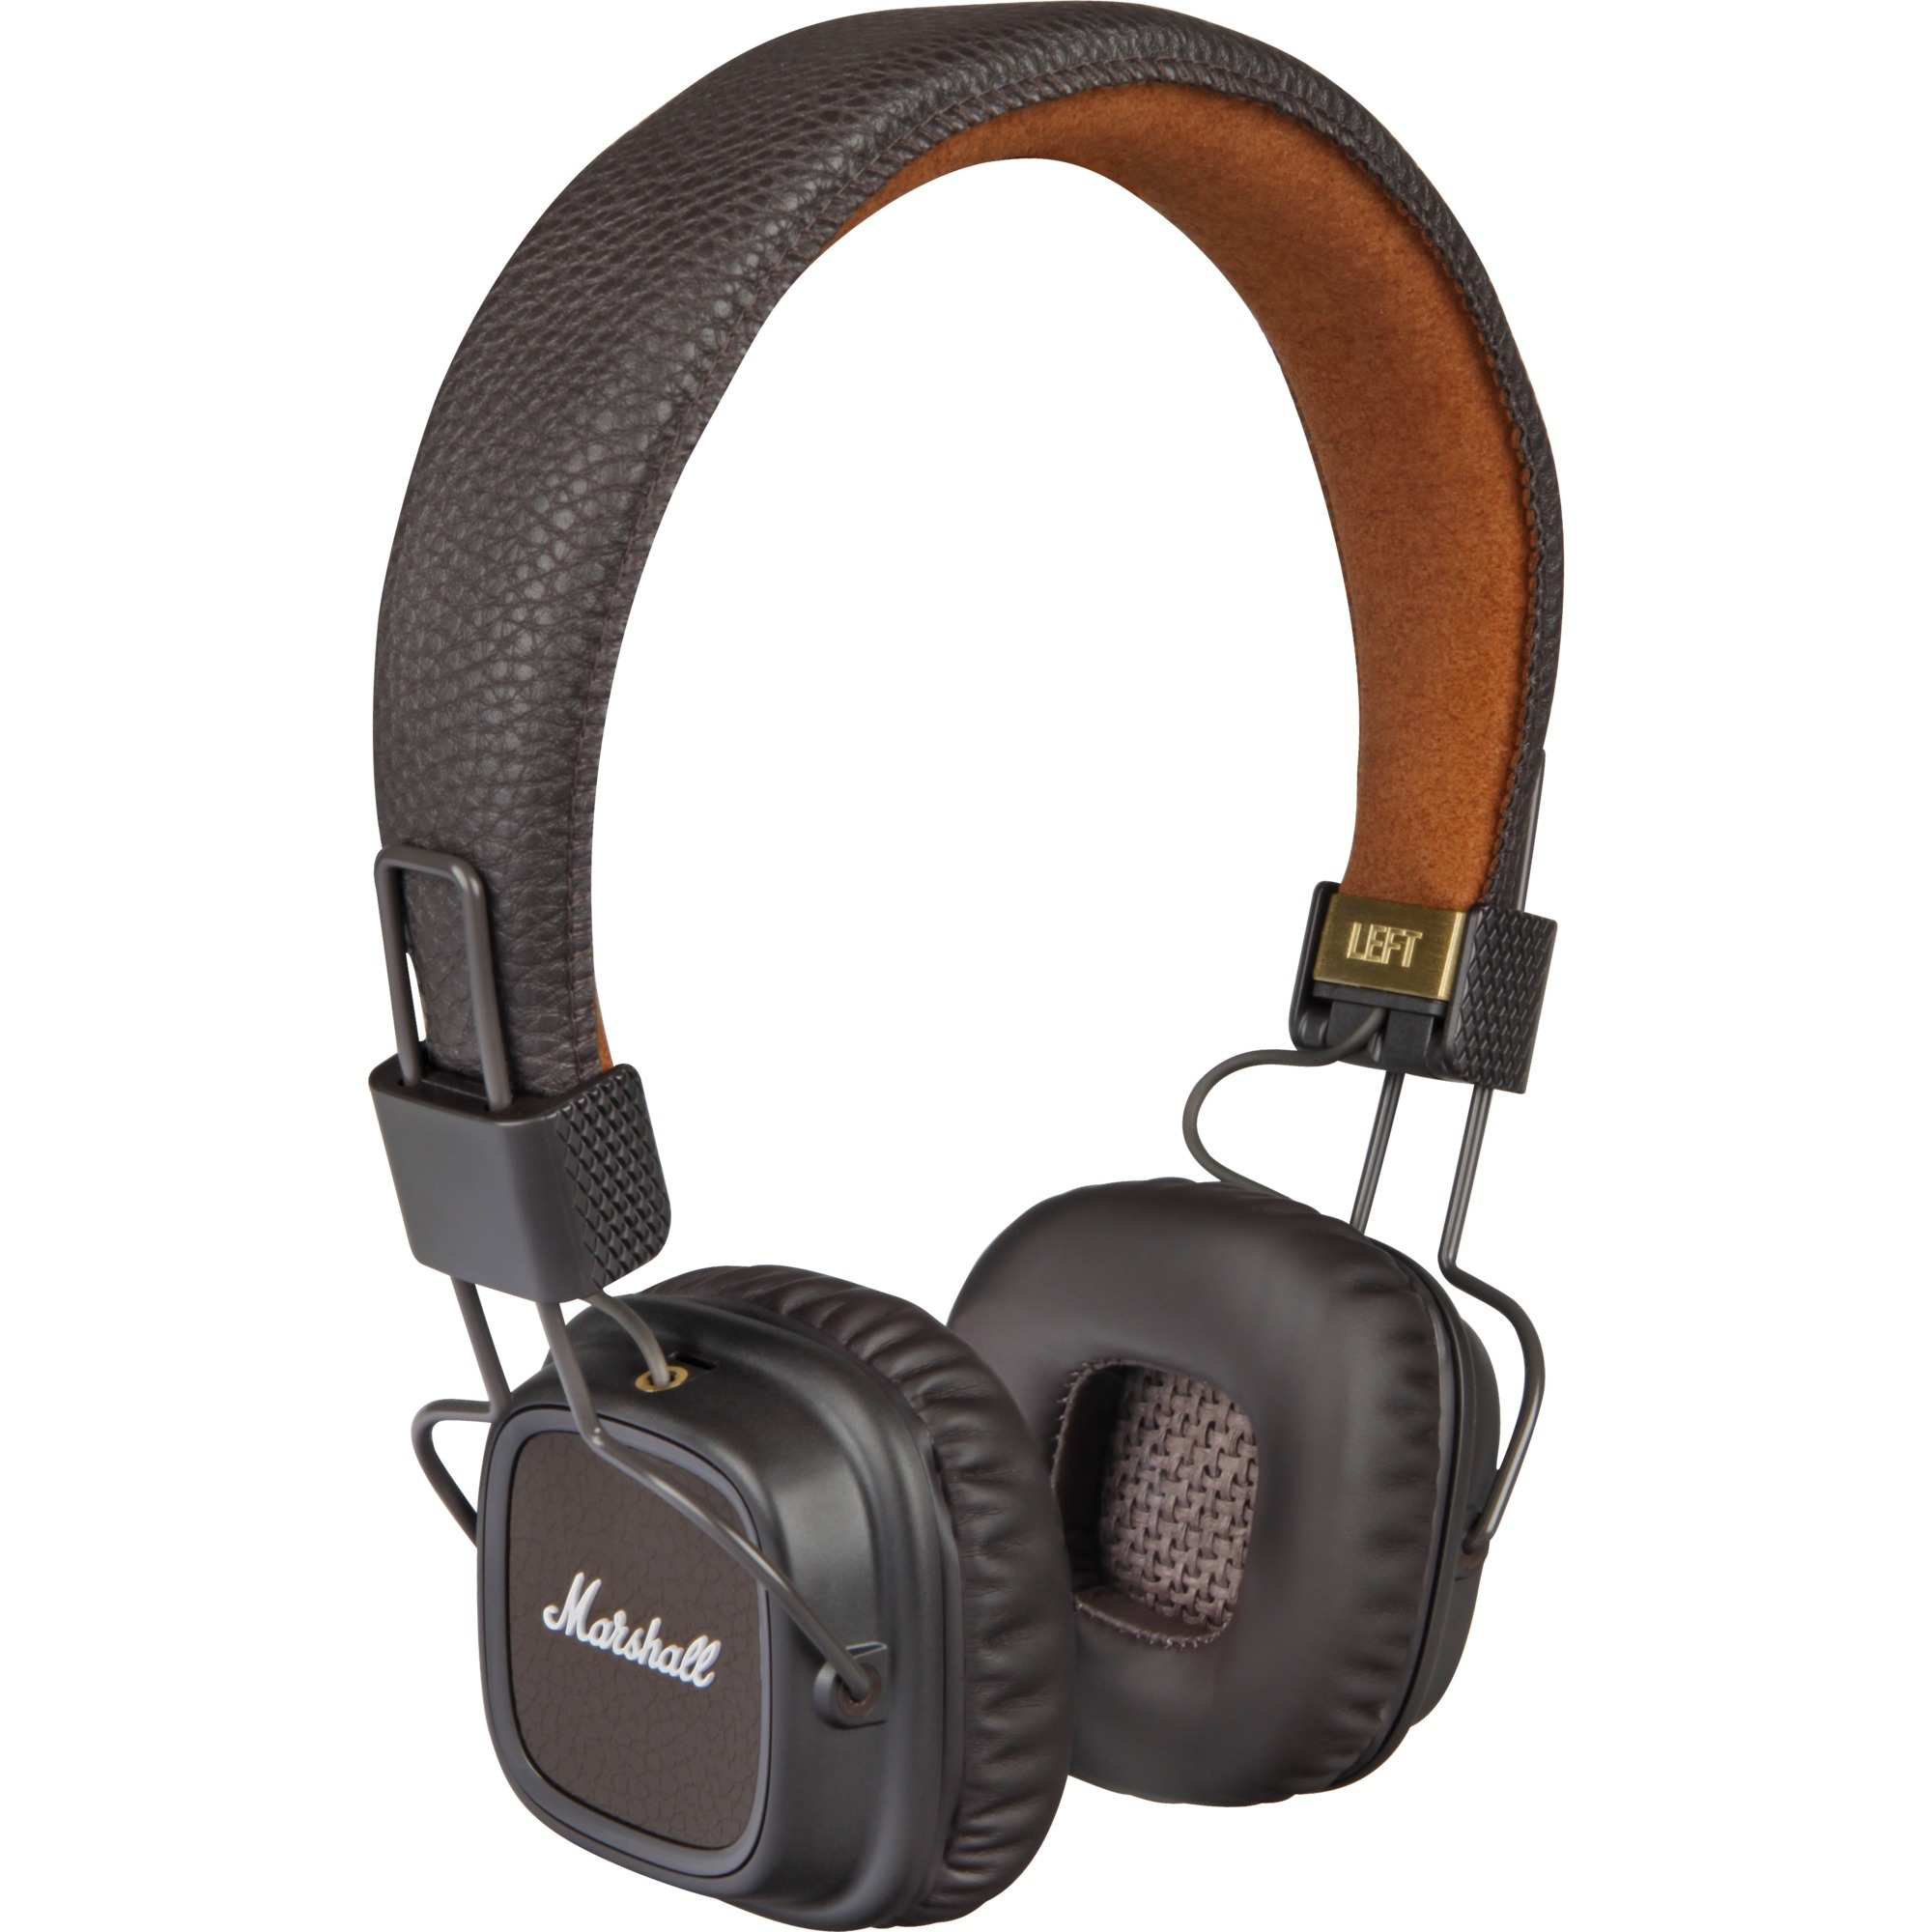 Major II Marrón Supraaural Diadema auricular, Auriculares con micrófono